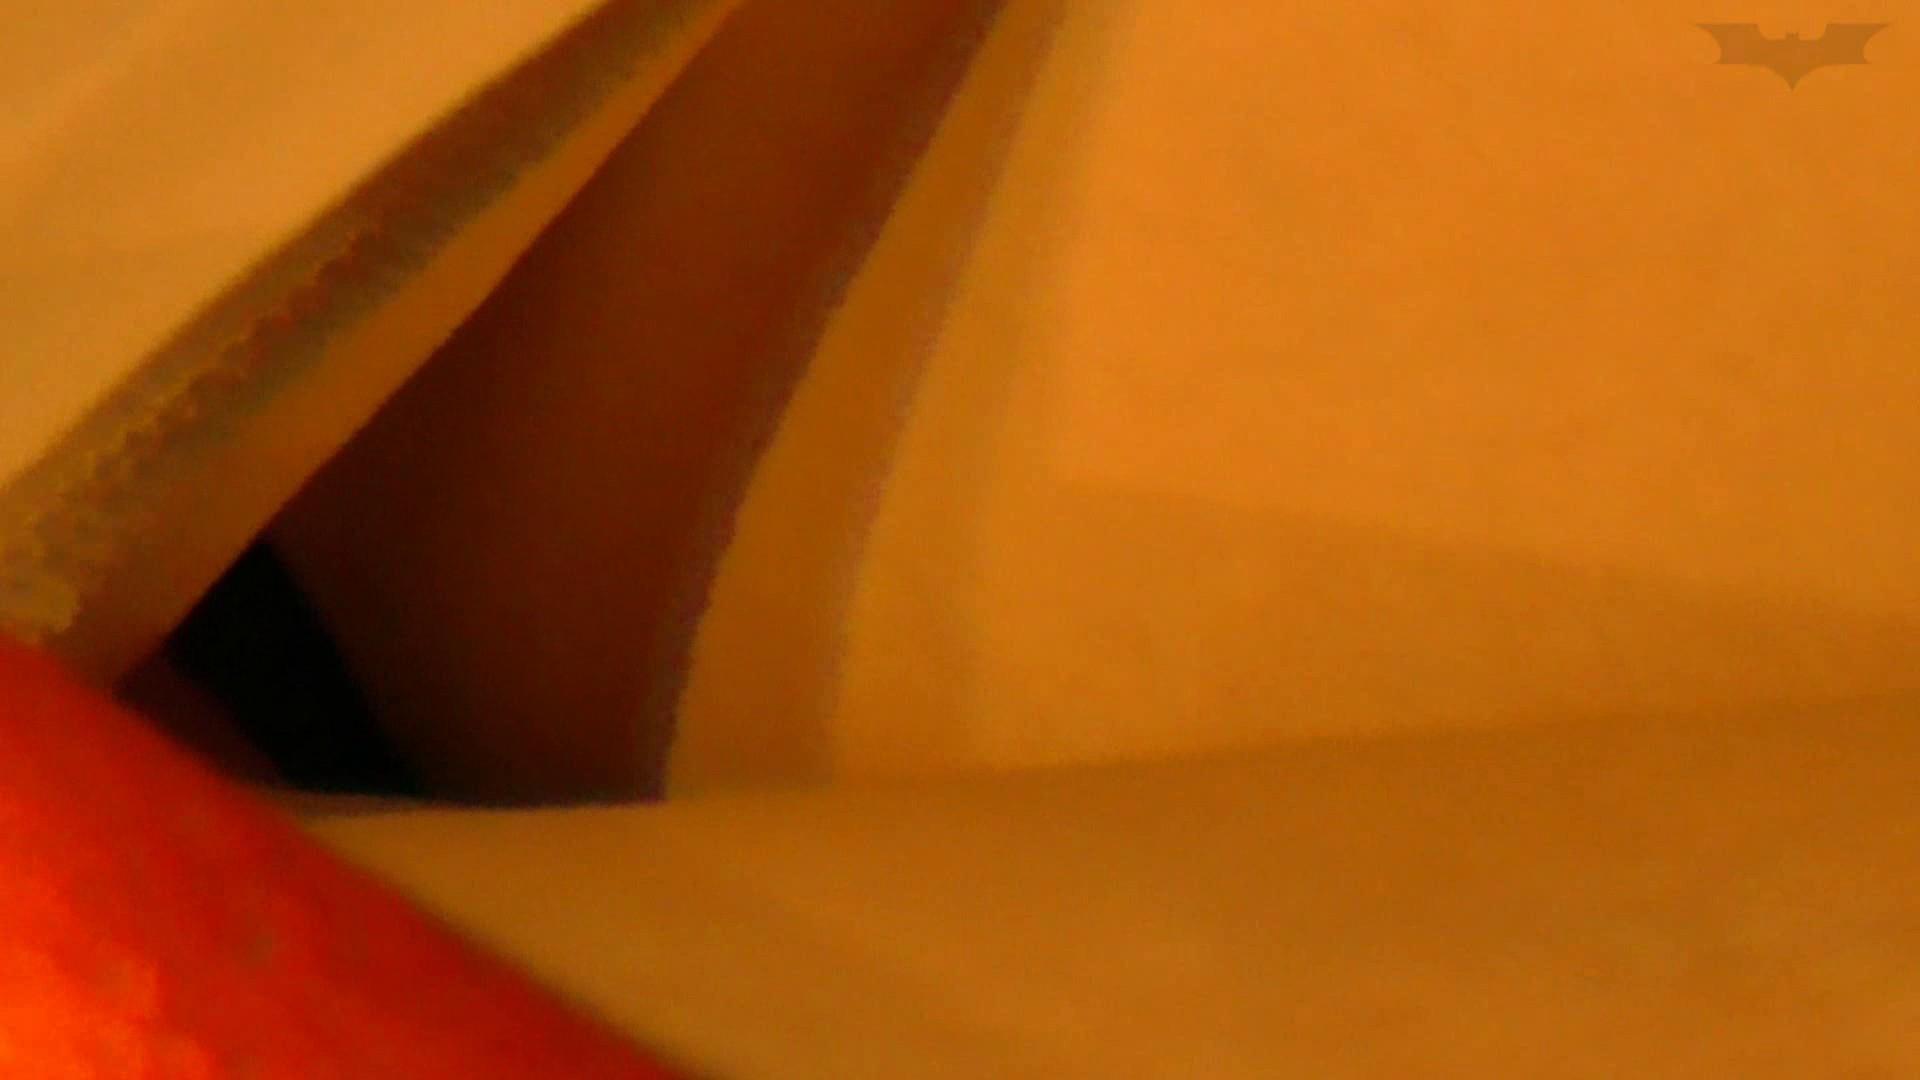 悪戯ネットカフェ Vol.07 魔法をかけて開いてみれば紐?? 盗撮  56PIX 25